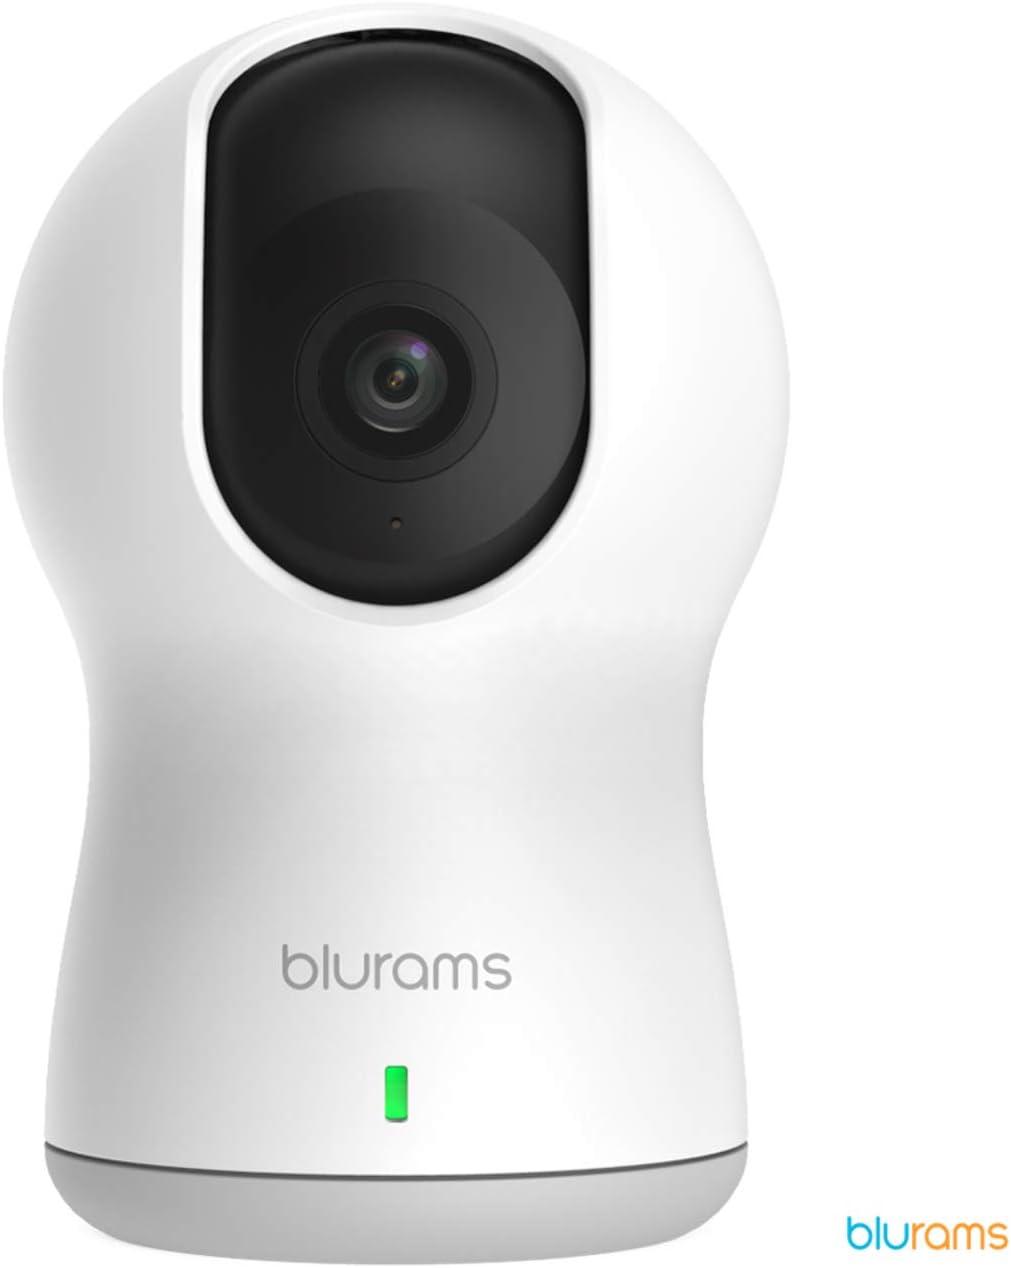 Blurams Dome Lite 720p Cámara de Vigilancia en Domo para Hogar-WiFi Mico-Altavoz Detección Inteligente Movimiento/Sonidos Alertas Tiempo Real Visión Panorámica - Modo Crucero (iOS Android)